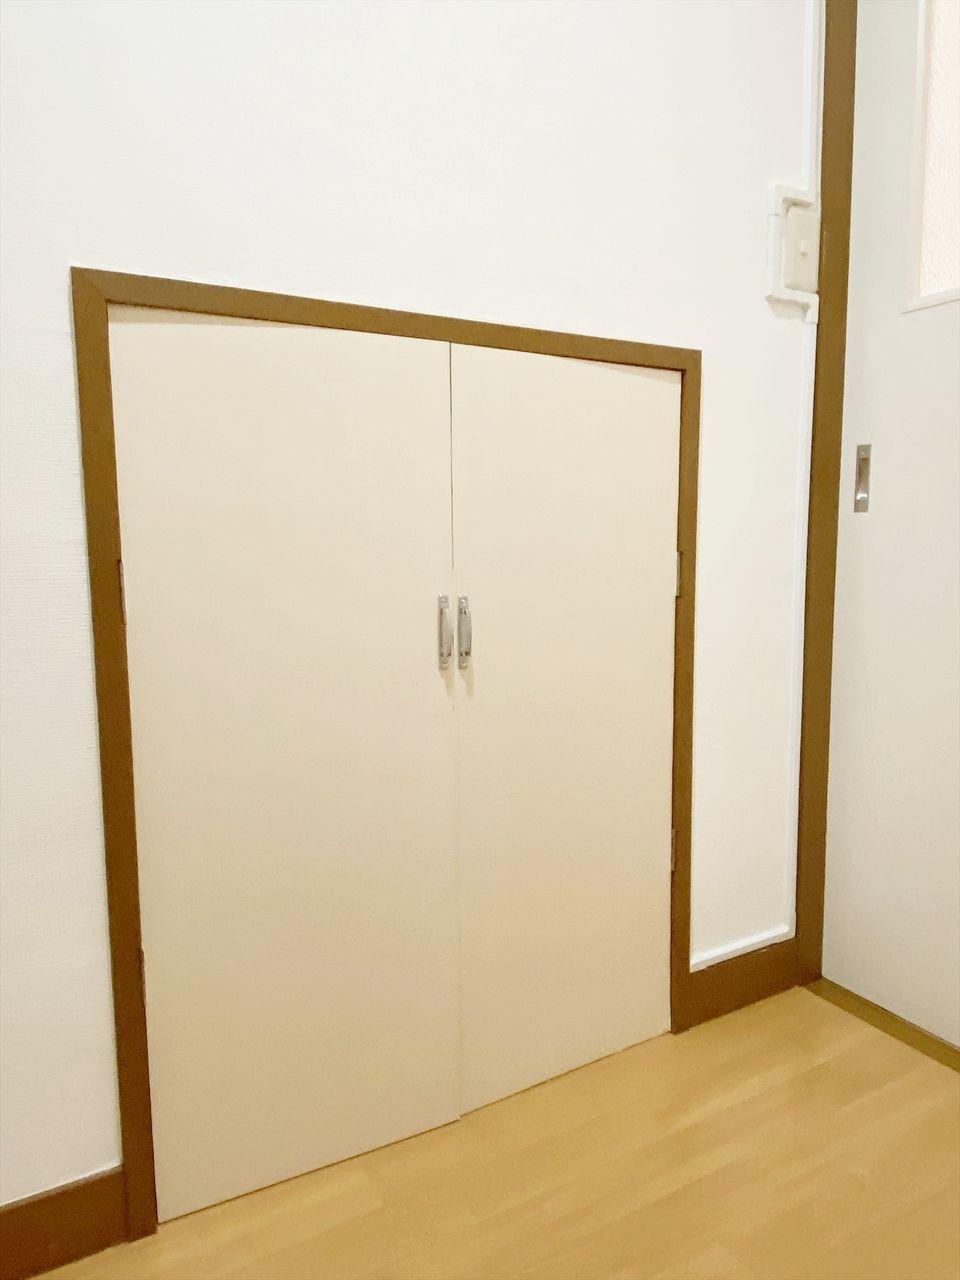 成田ハイツ202号室 玄関に階段下収納があります。スーツケールなど普段使わないものをしまっておくのによいですね